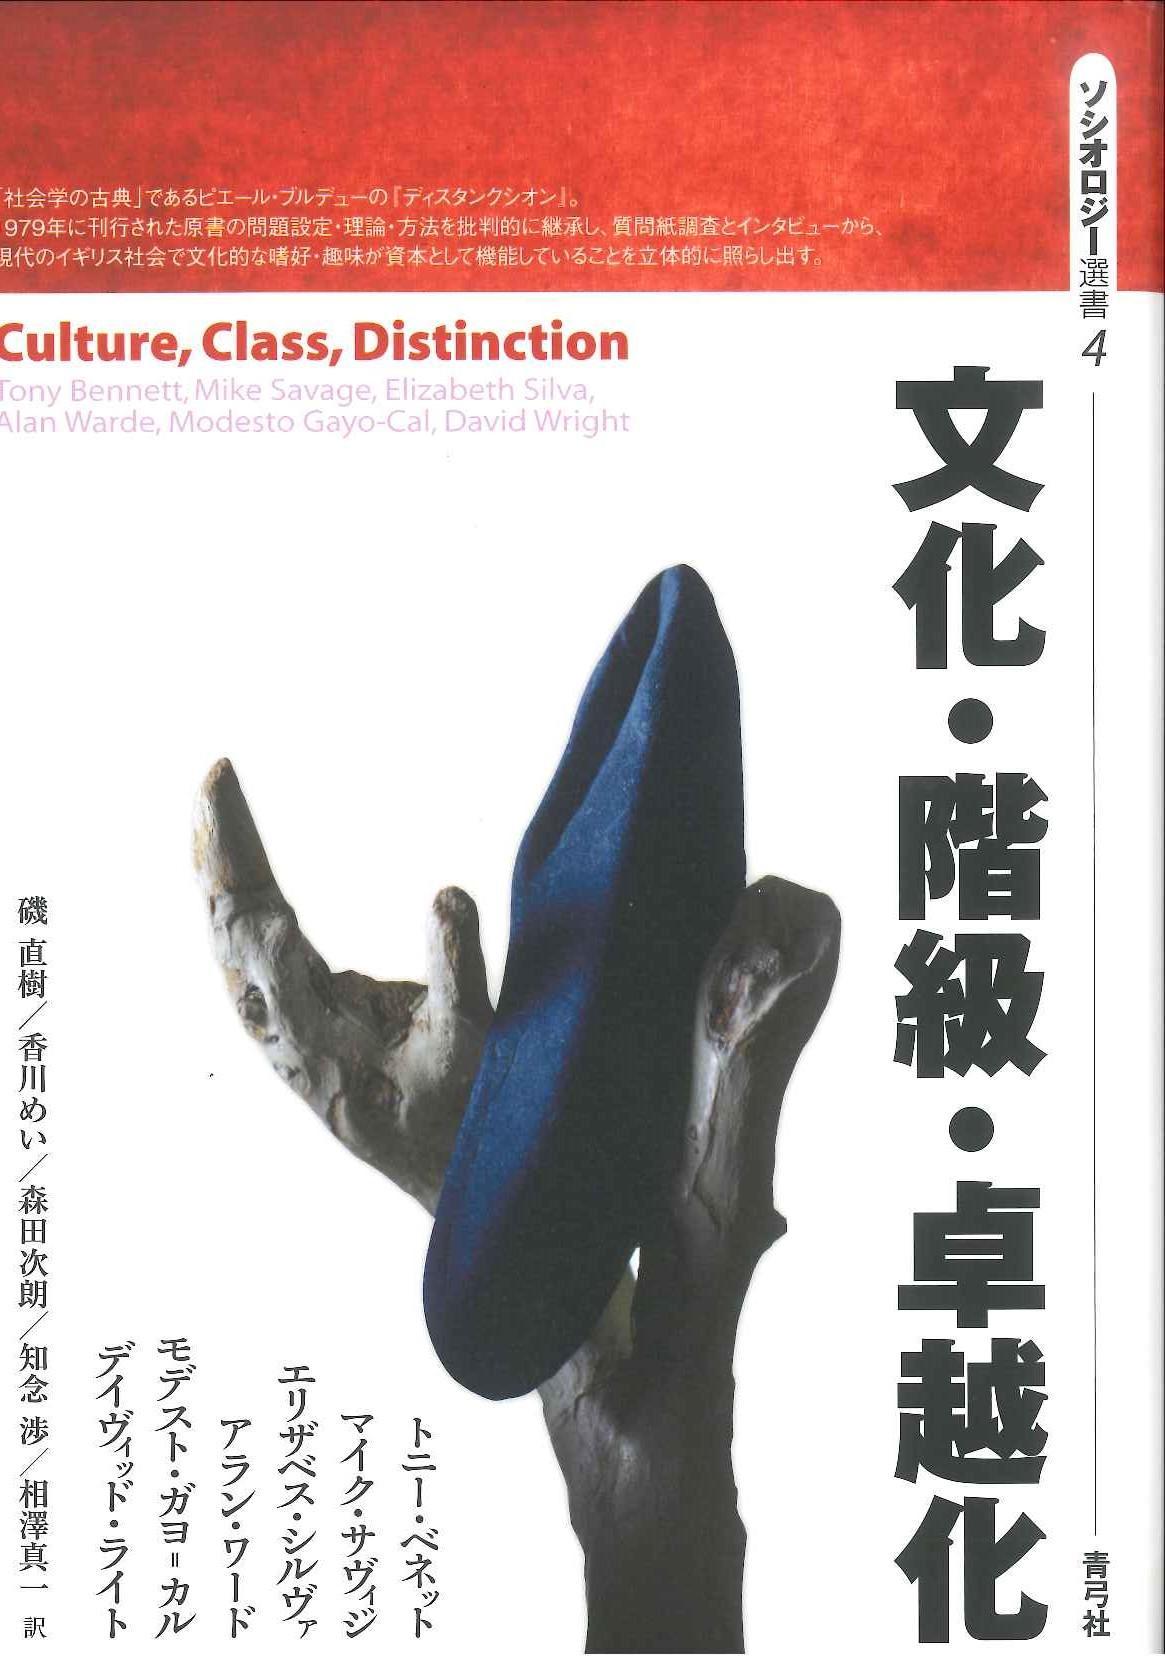 ソシオロジー選書4  -文化・階級・卓越化